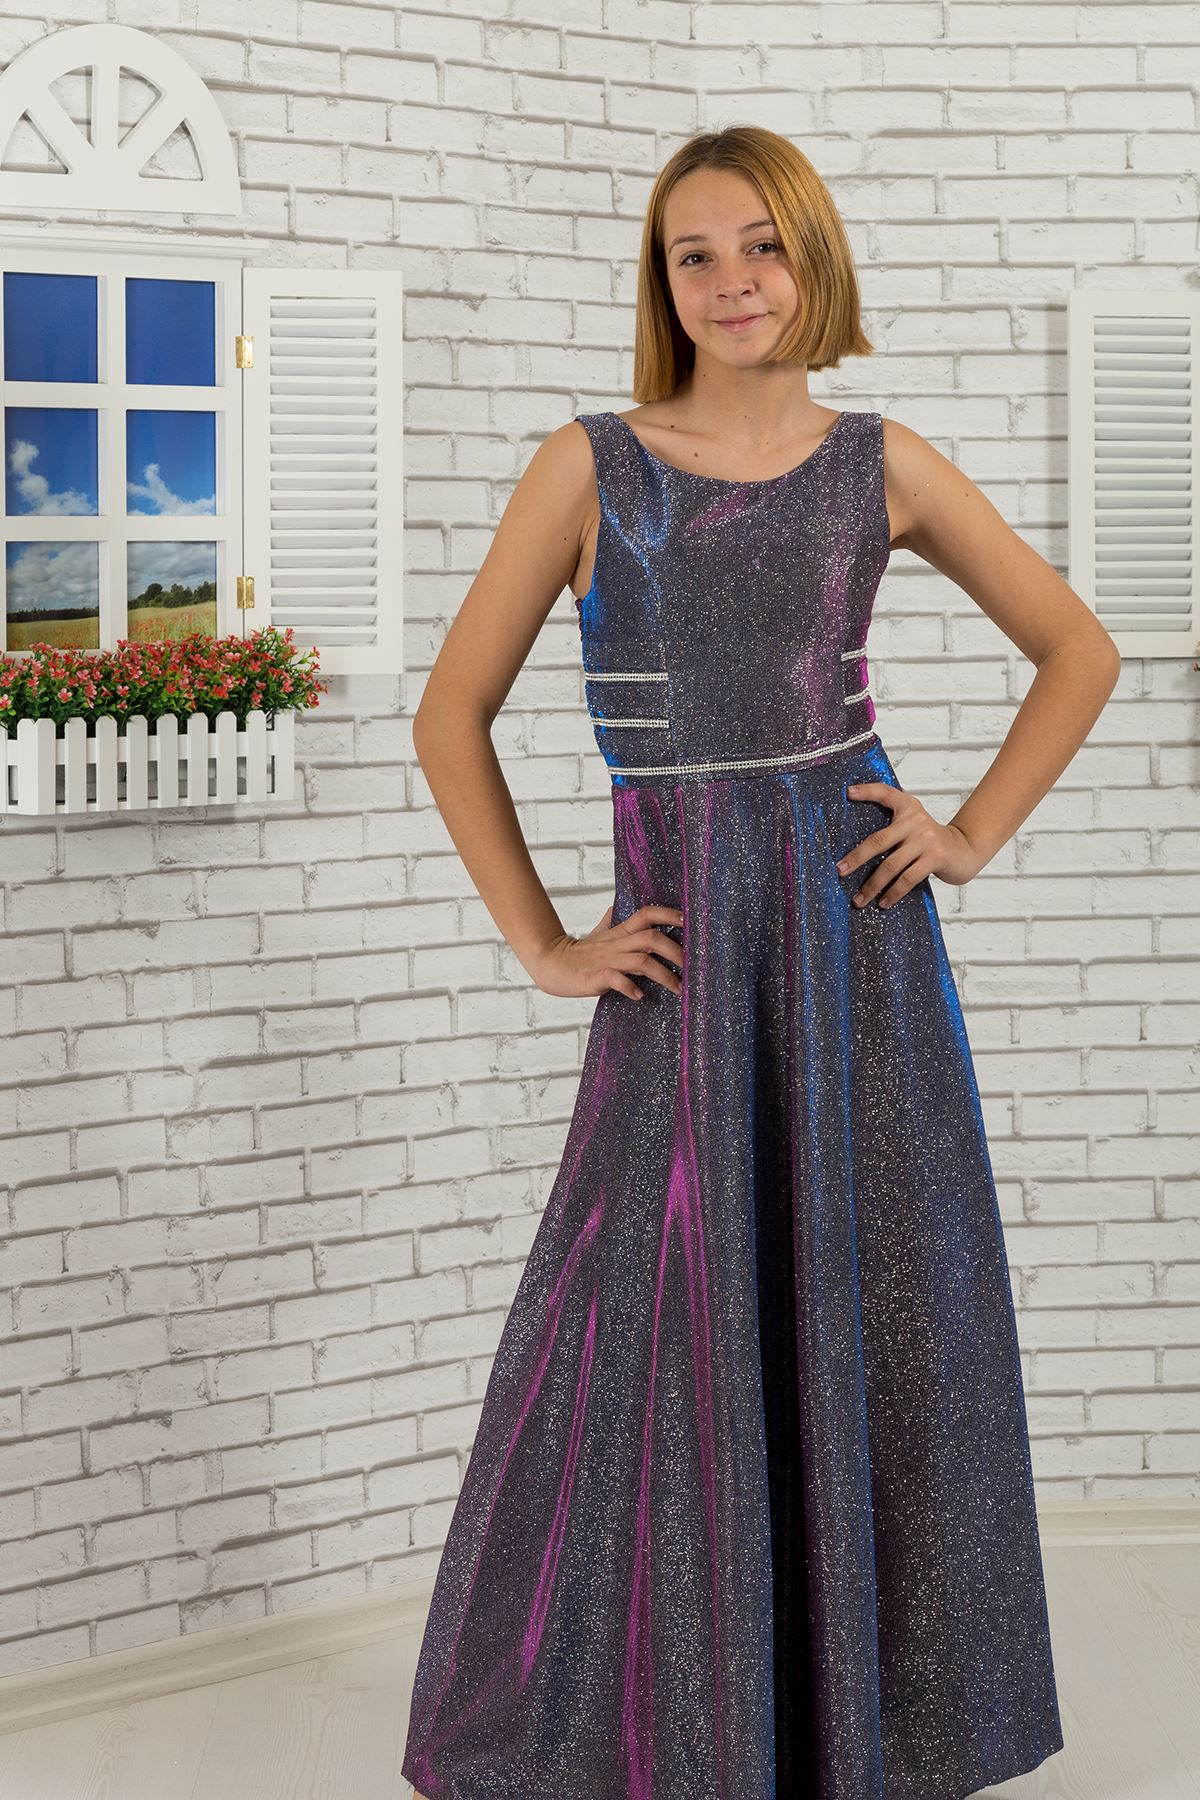 Taille detaillierte, silbrig Stoff Mädchen Kinder Abendkleid 479 Lila